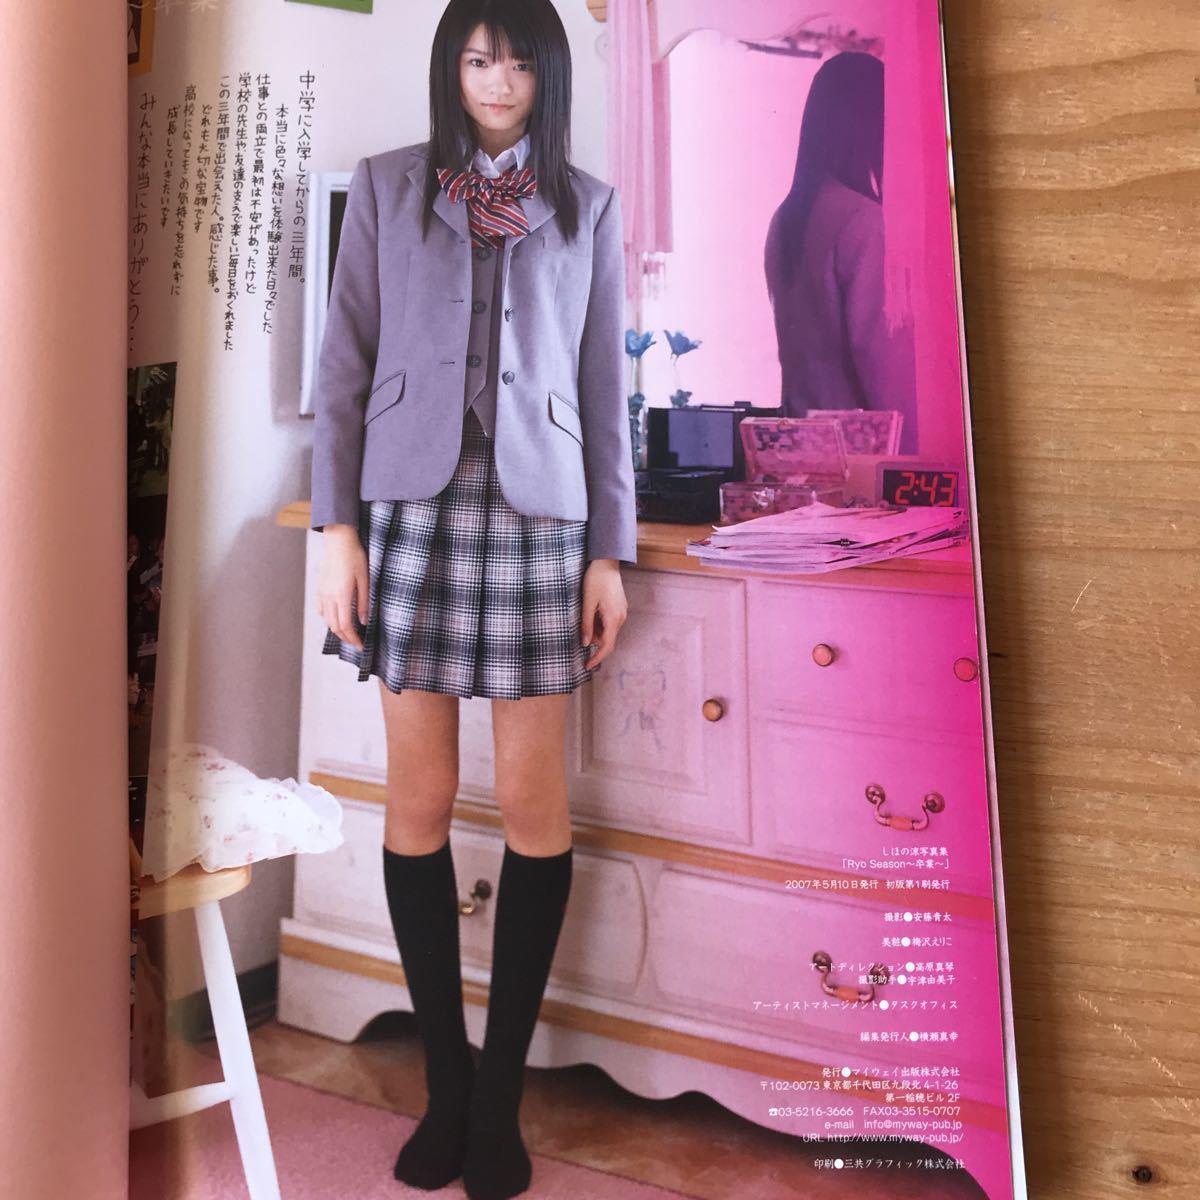 あD-190522 レア [しほの 涼 写真集 Ryo Season 卒業] _画像6